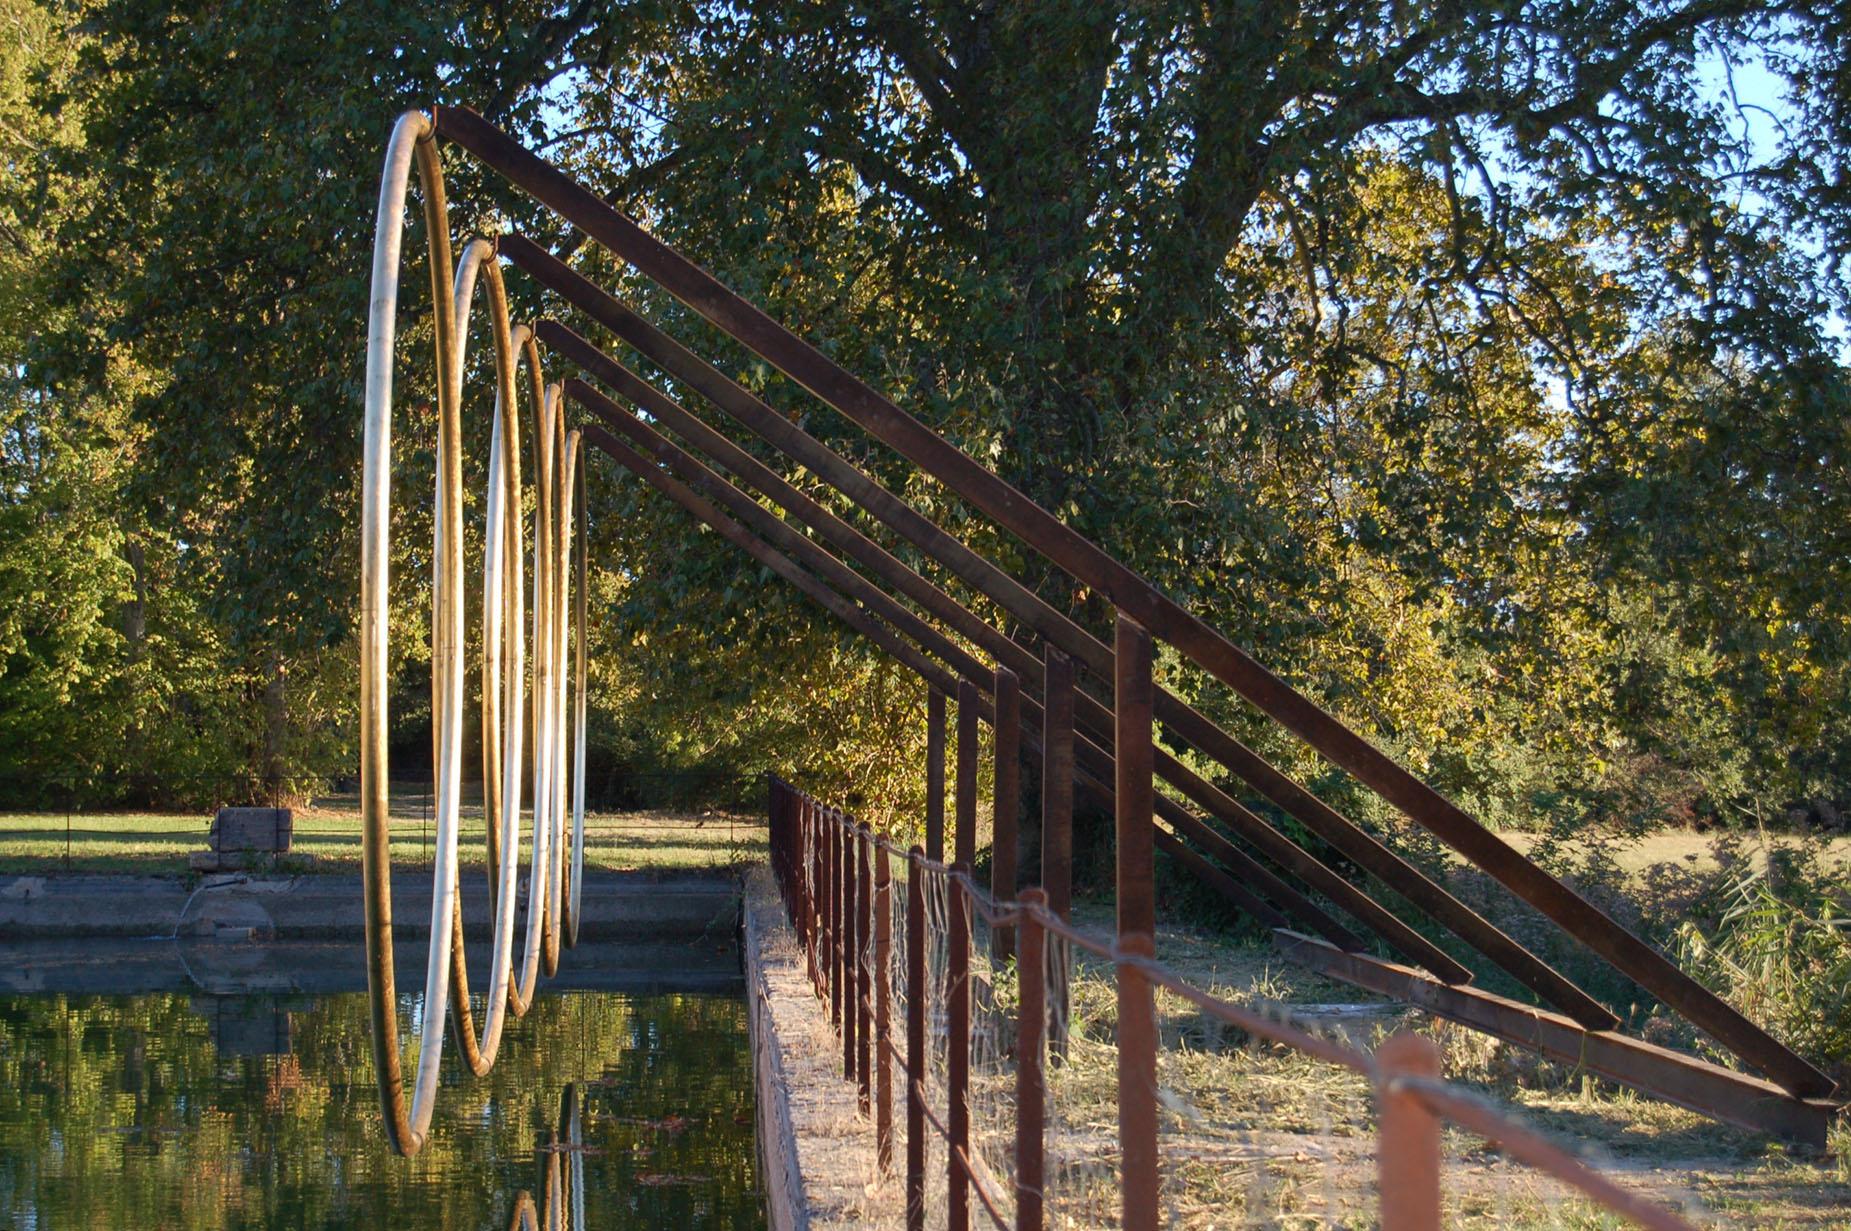 Frédérique Nalbandian : Mirage - Structure en métal, dorure à la feuille  Chaque cercle : diam. 350 cm 1750 cm x 380 cm x 600 cm, courtesy Anna Giordano.